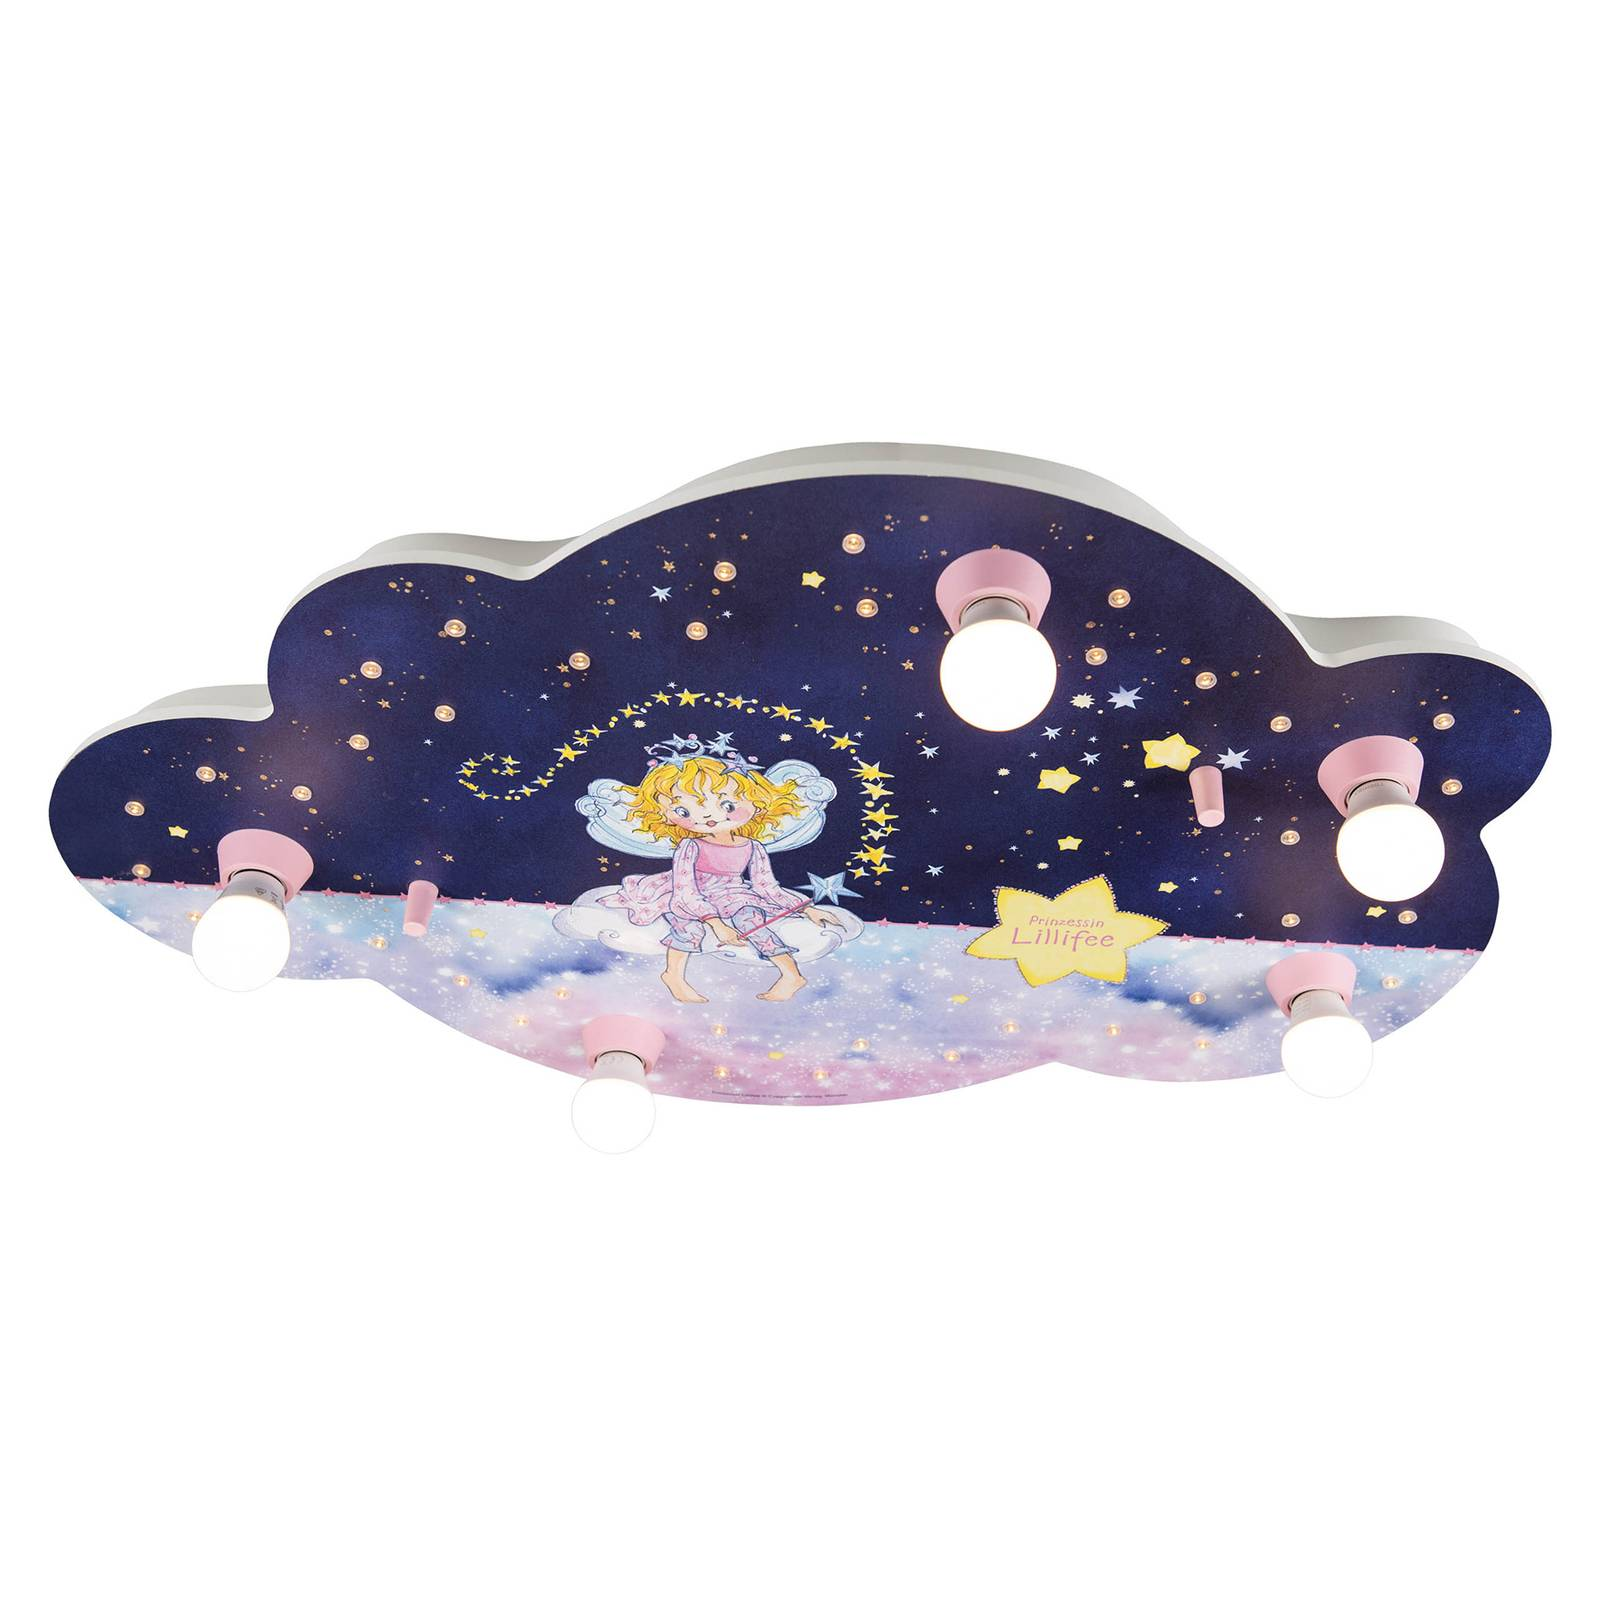 Kattovalaisin Lillifee, pilvi, tähtitaikoja